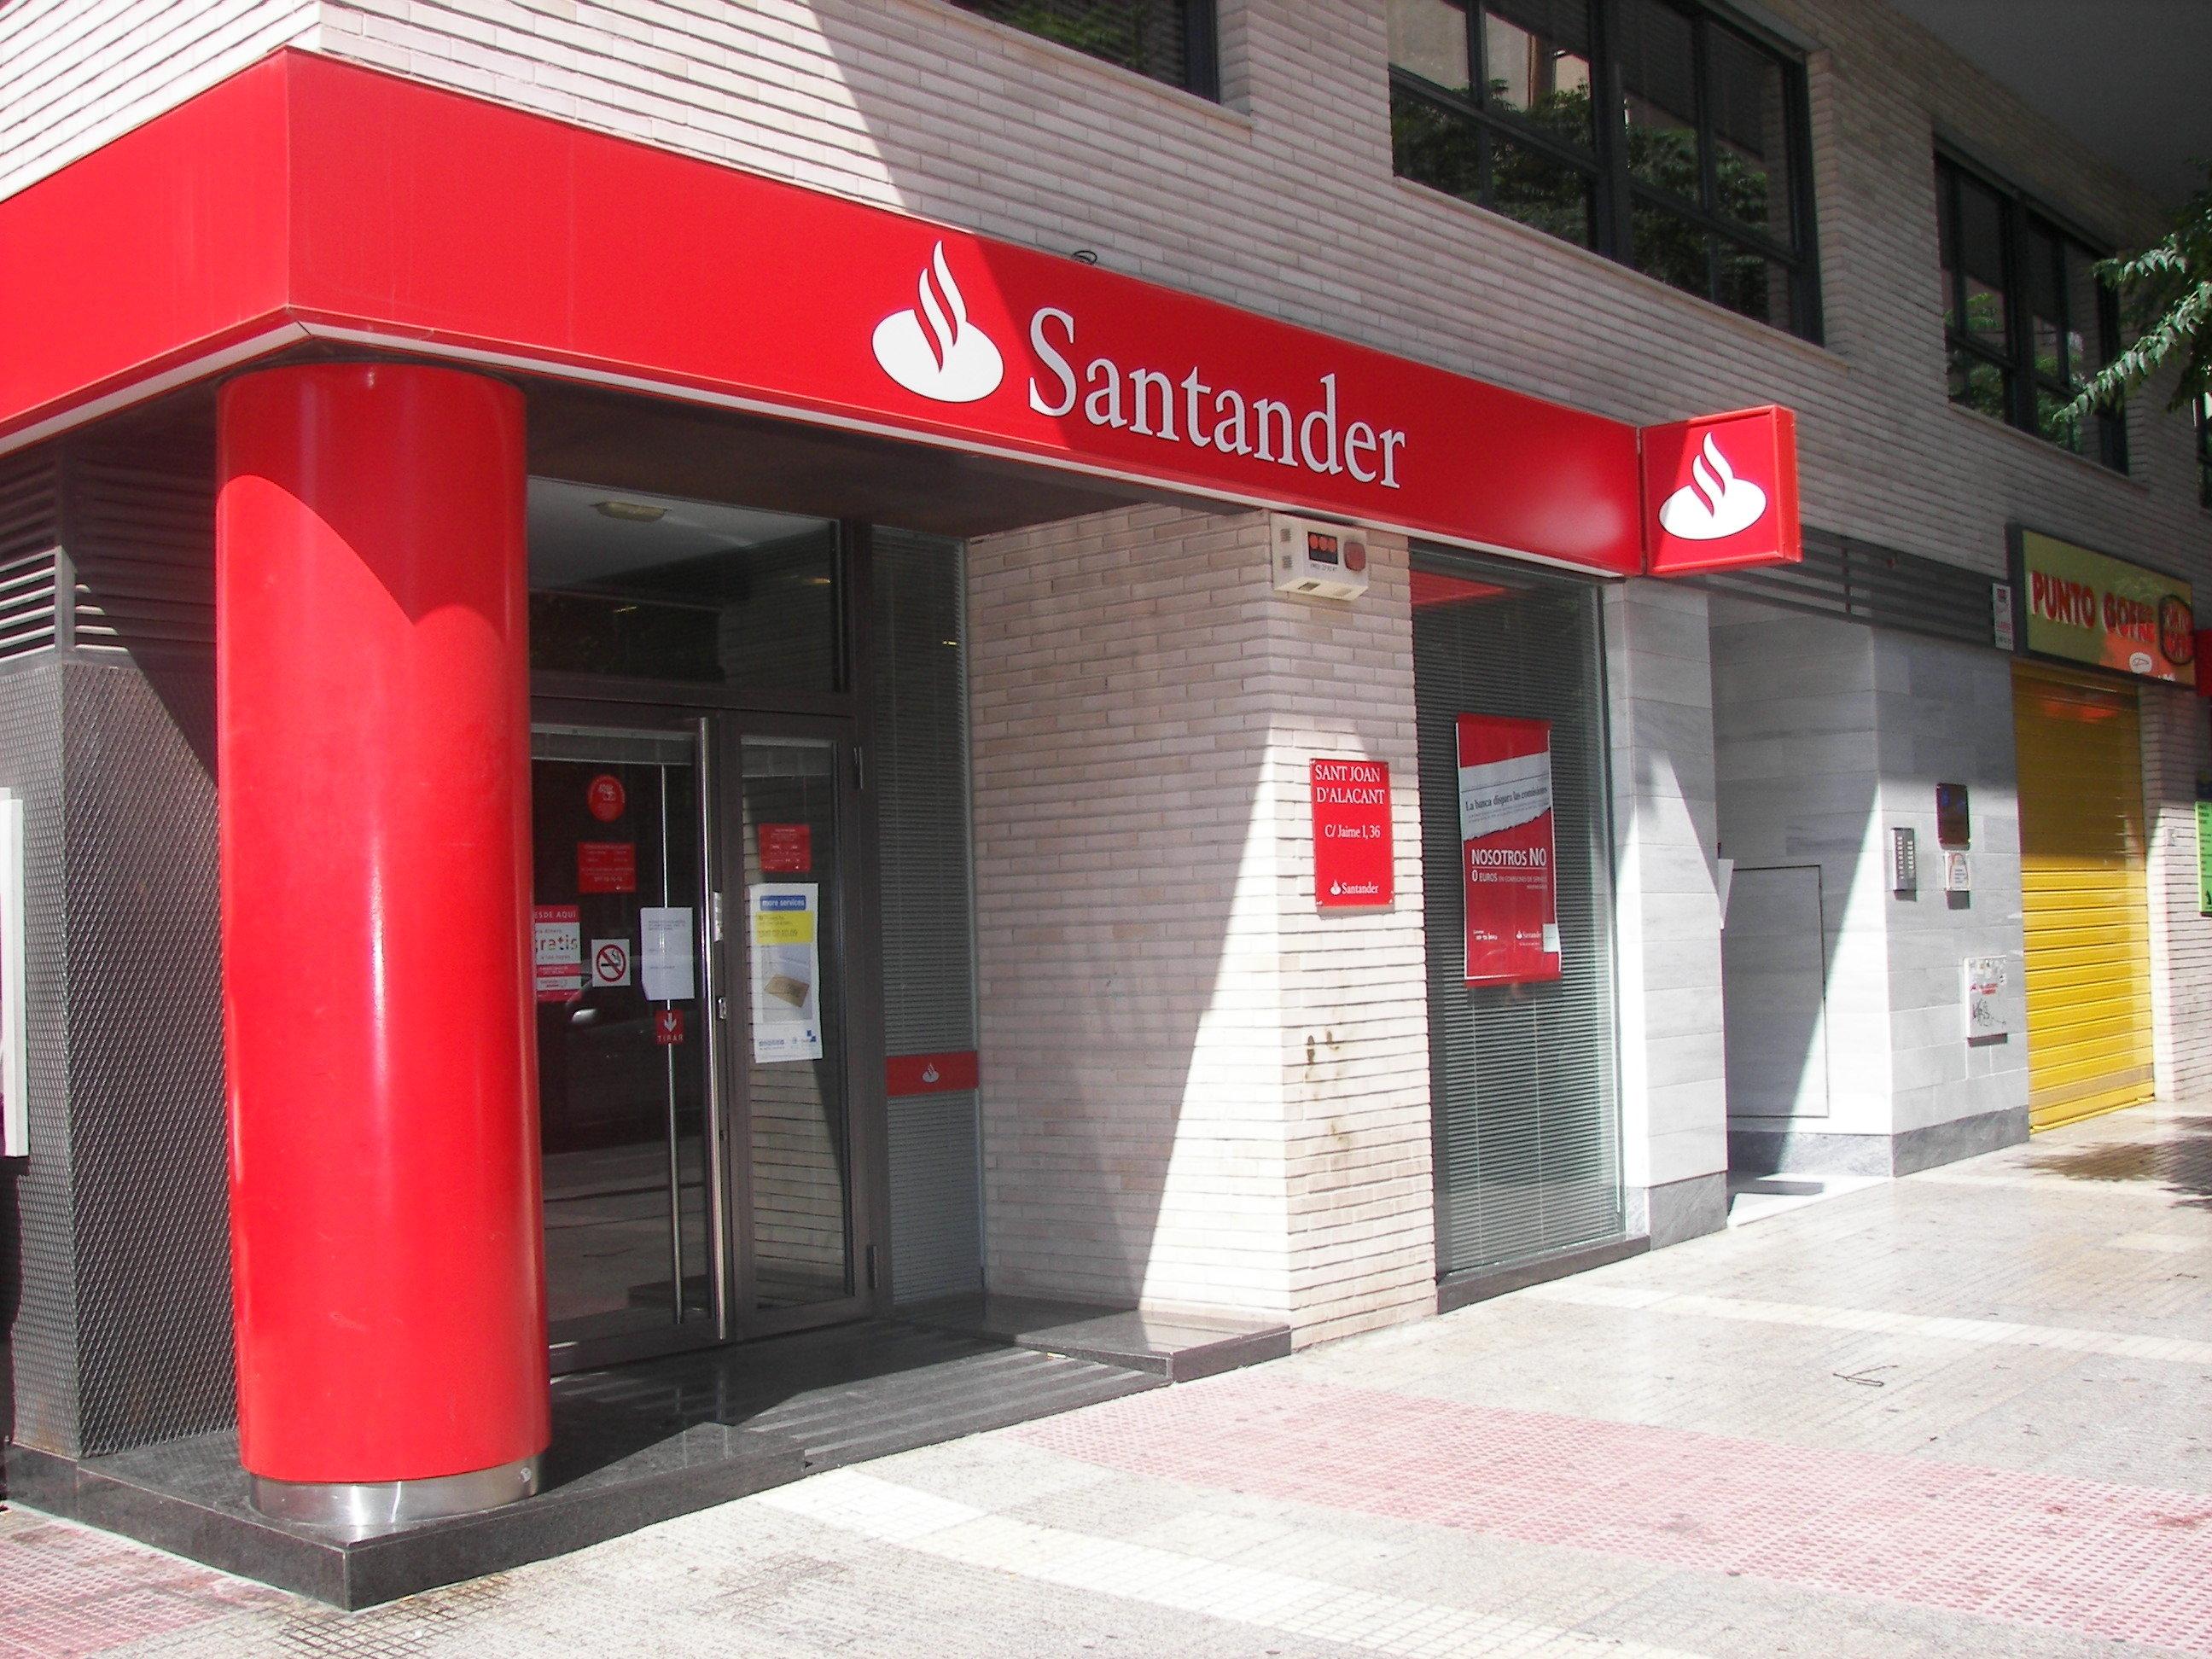 la banca responde a la ca da de negocio cerrando oficinas